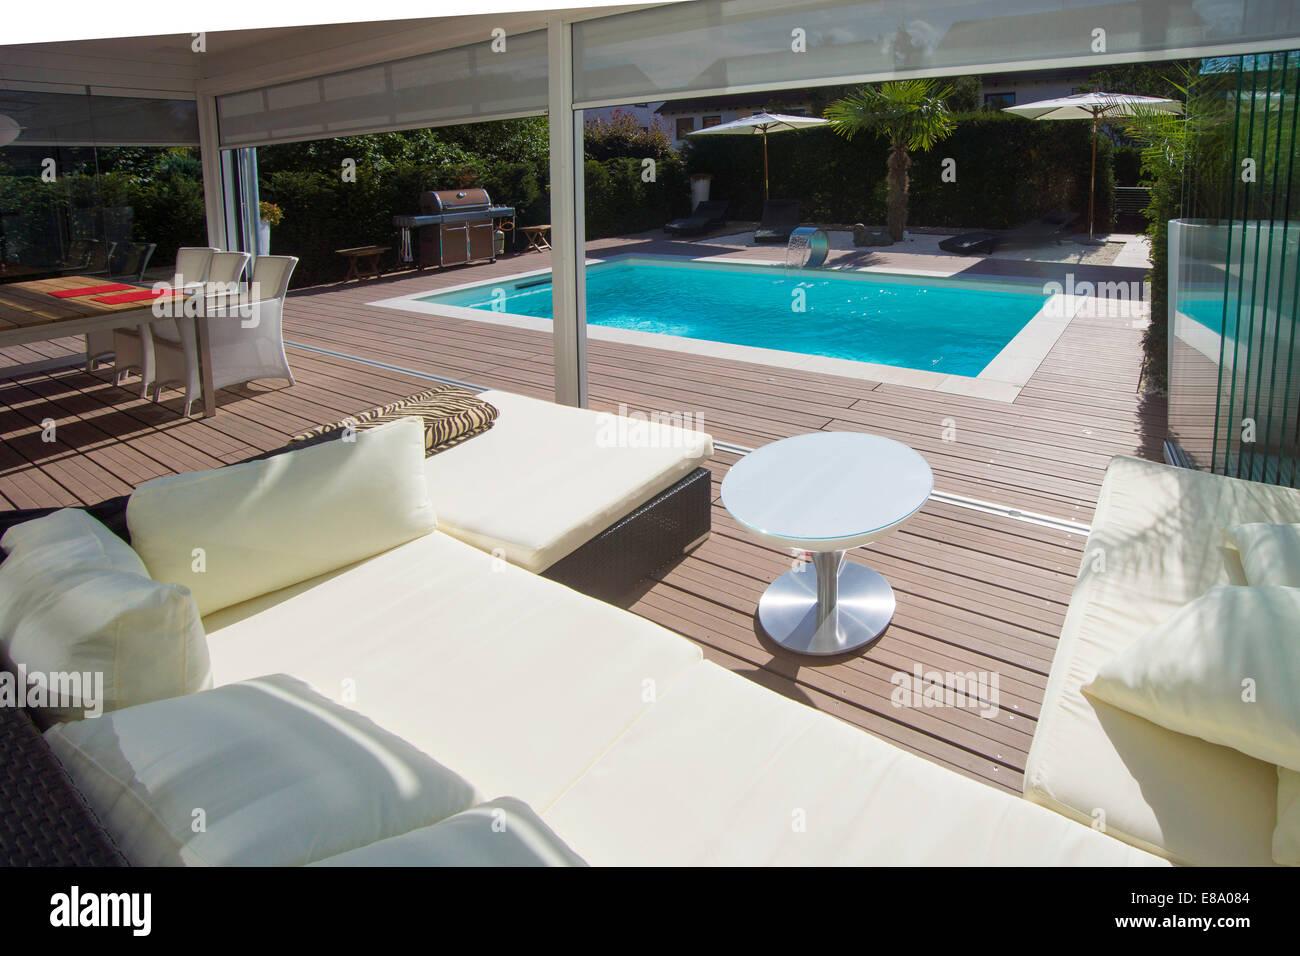 Privates Haus Mit Einem Wintergarten Eine Lounge Einen